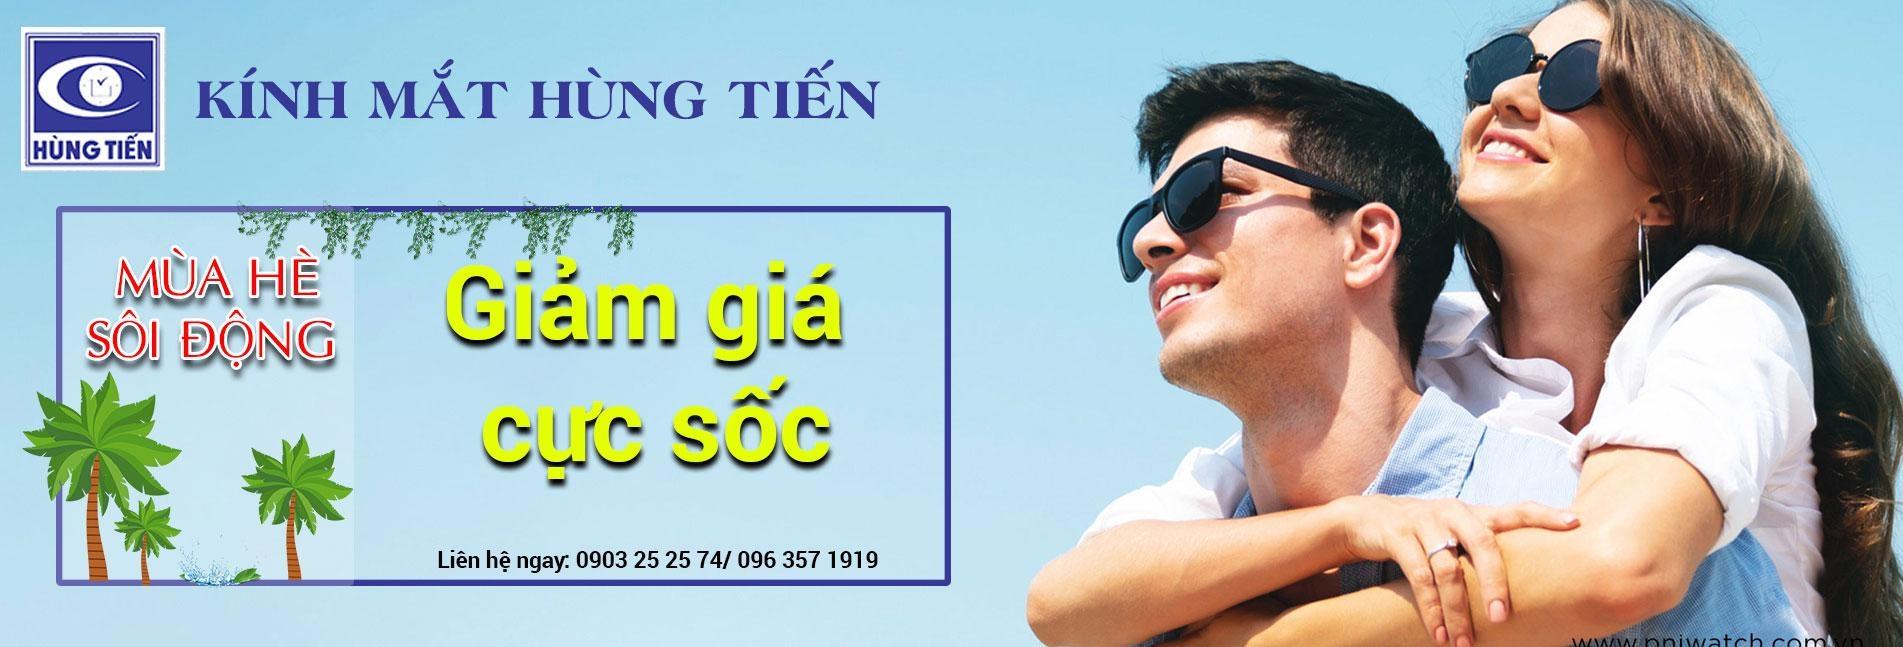 Hùng T (@kinhmathungtien) Cover Image